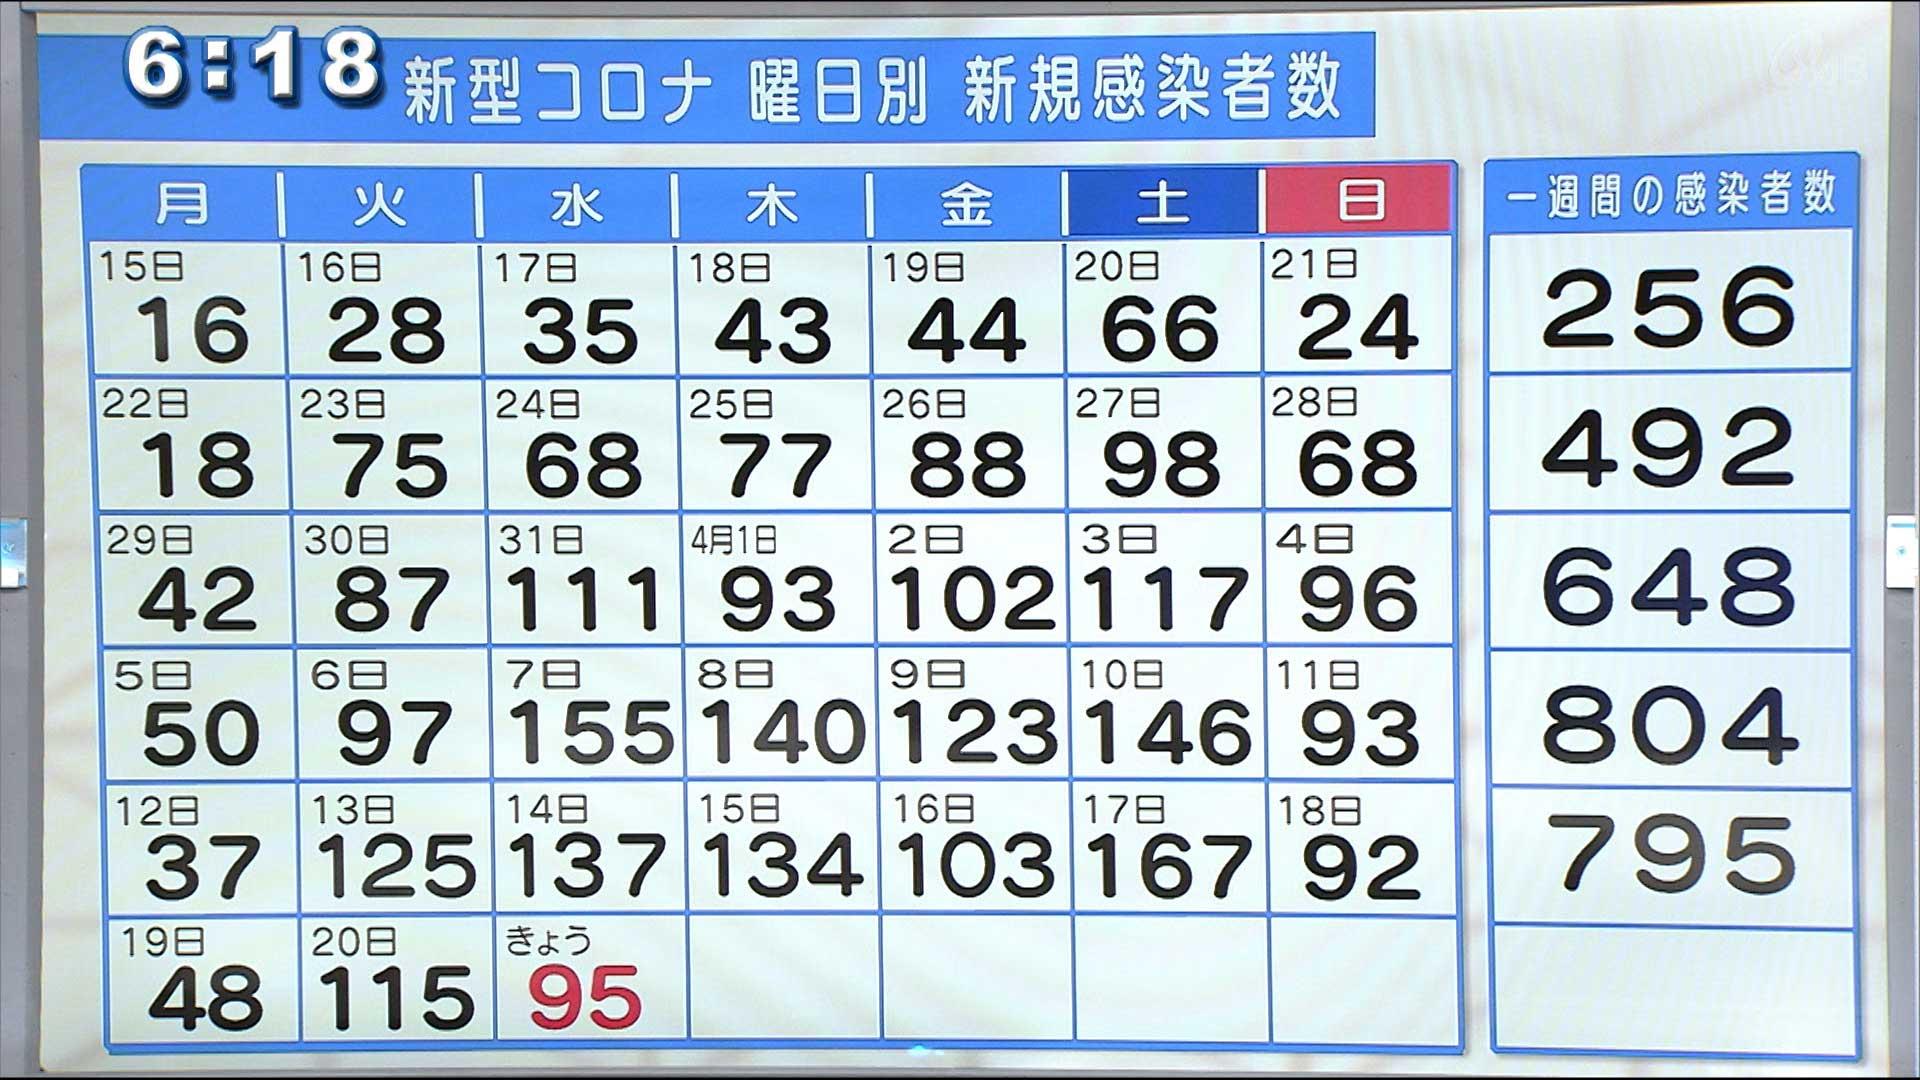 沖縄の新型コロナ 新規感染者95人